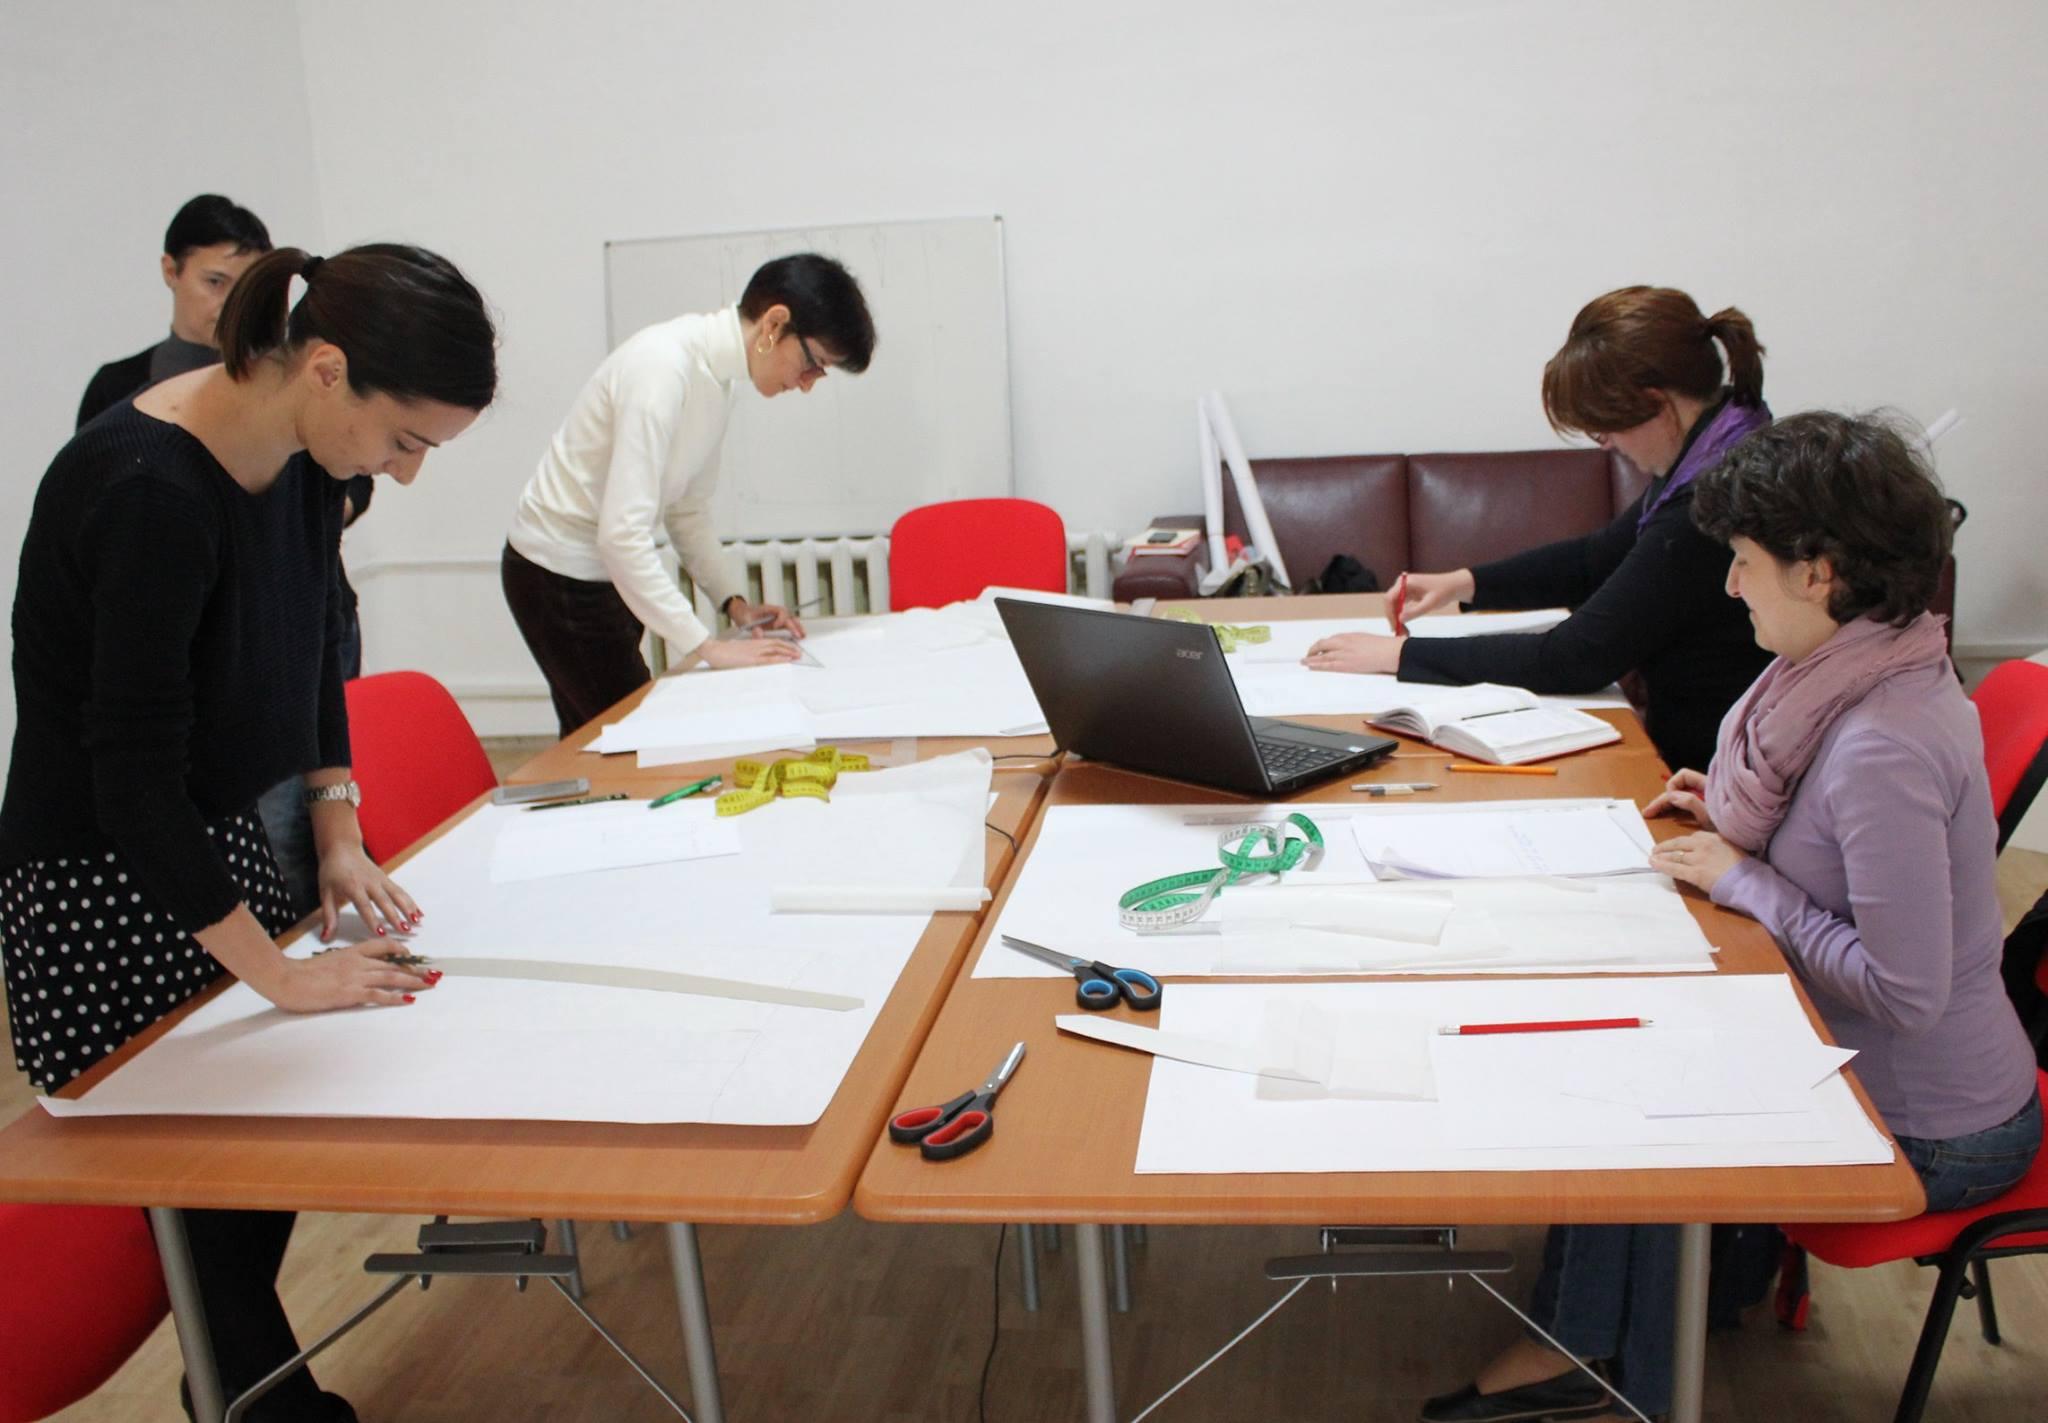 curs de croitorie cluj la centru de formare studia (2)